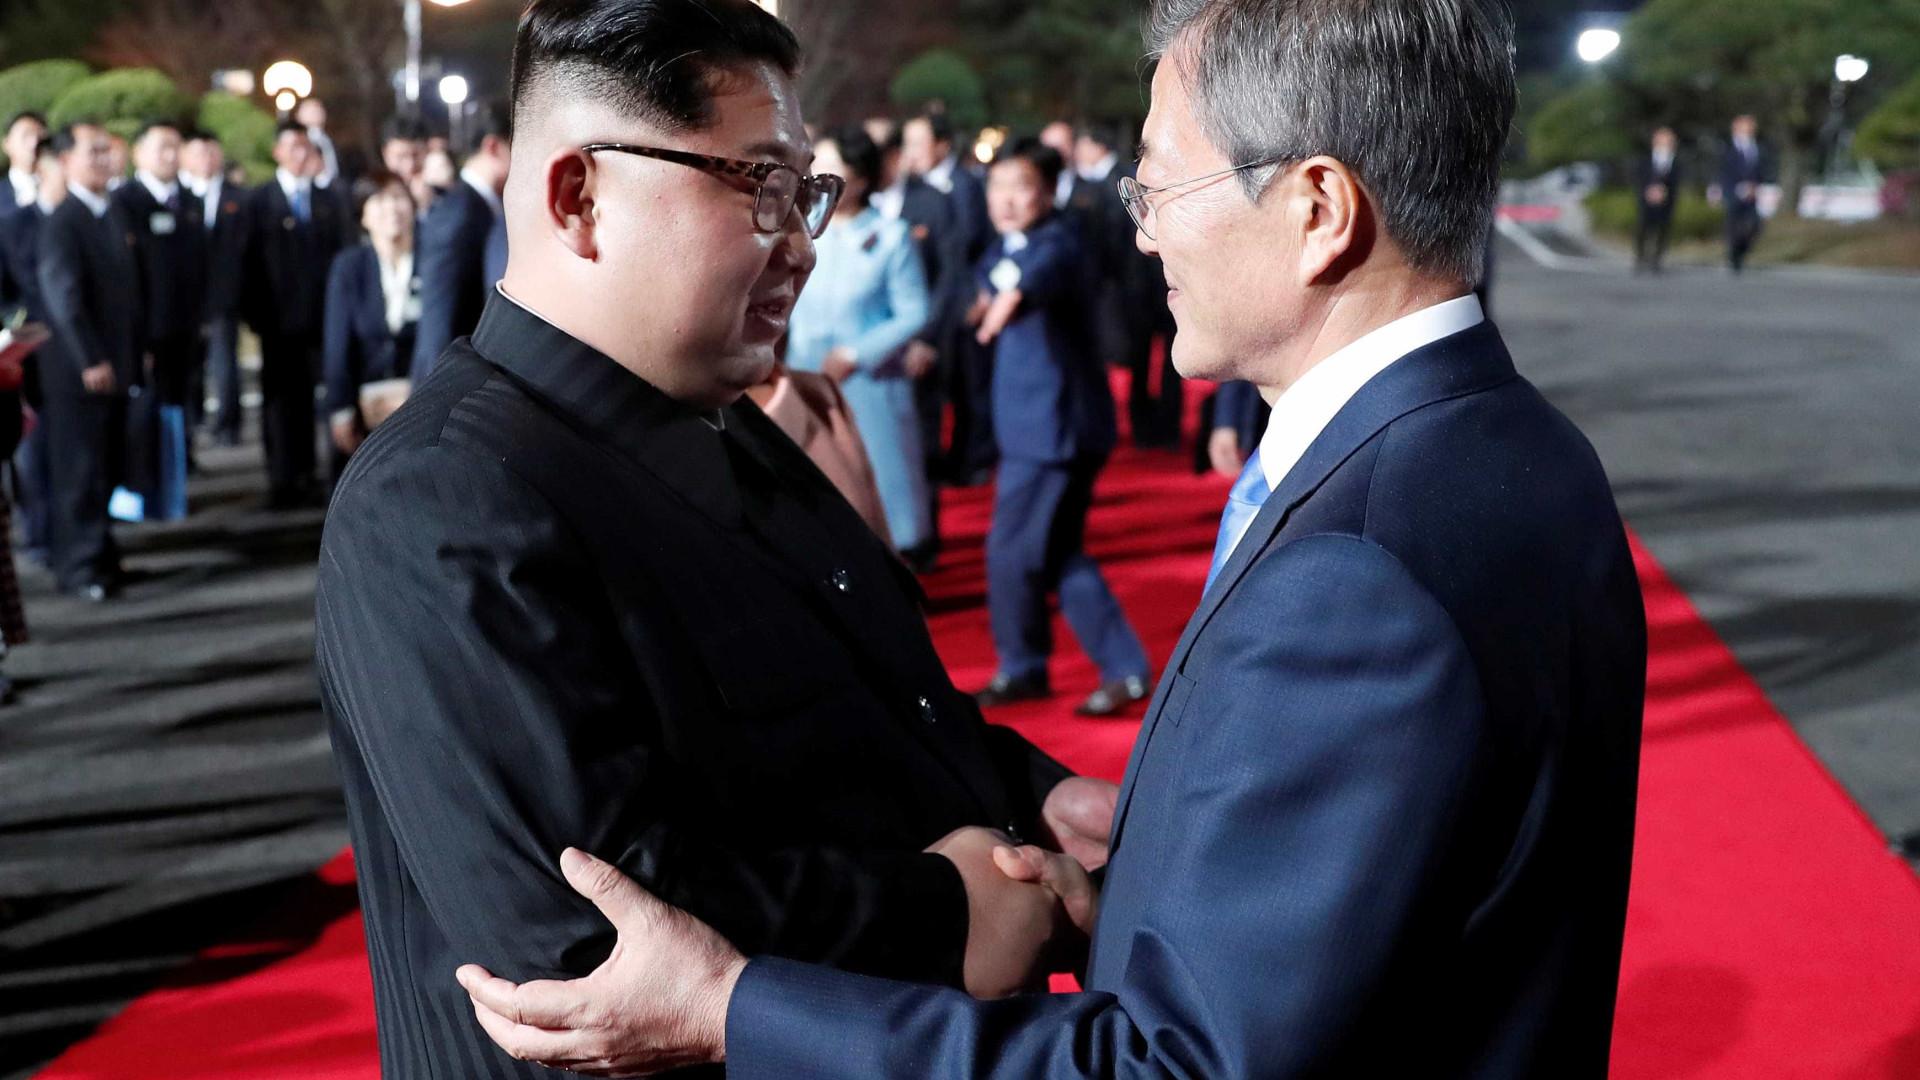 Coreias do Sul e do Norte divulgam planos conjuntos para ferrovia